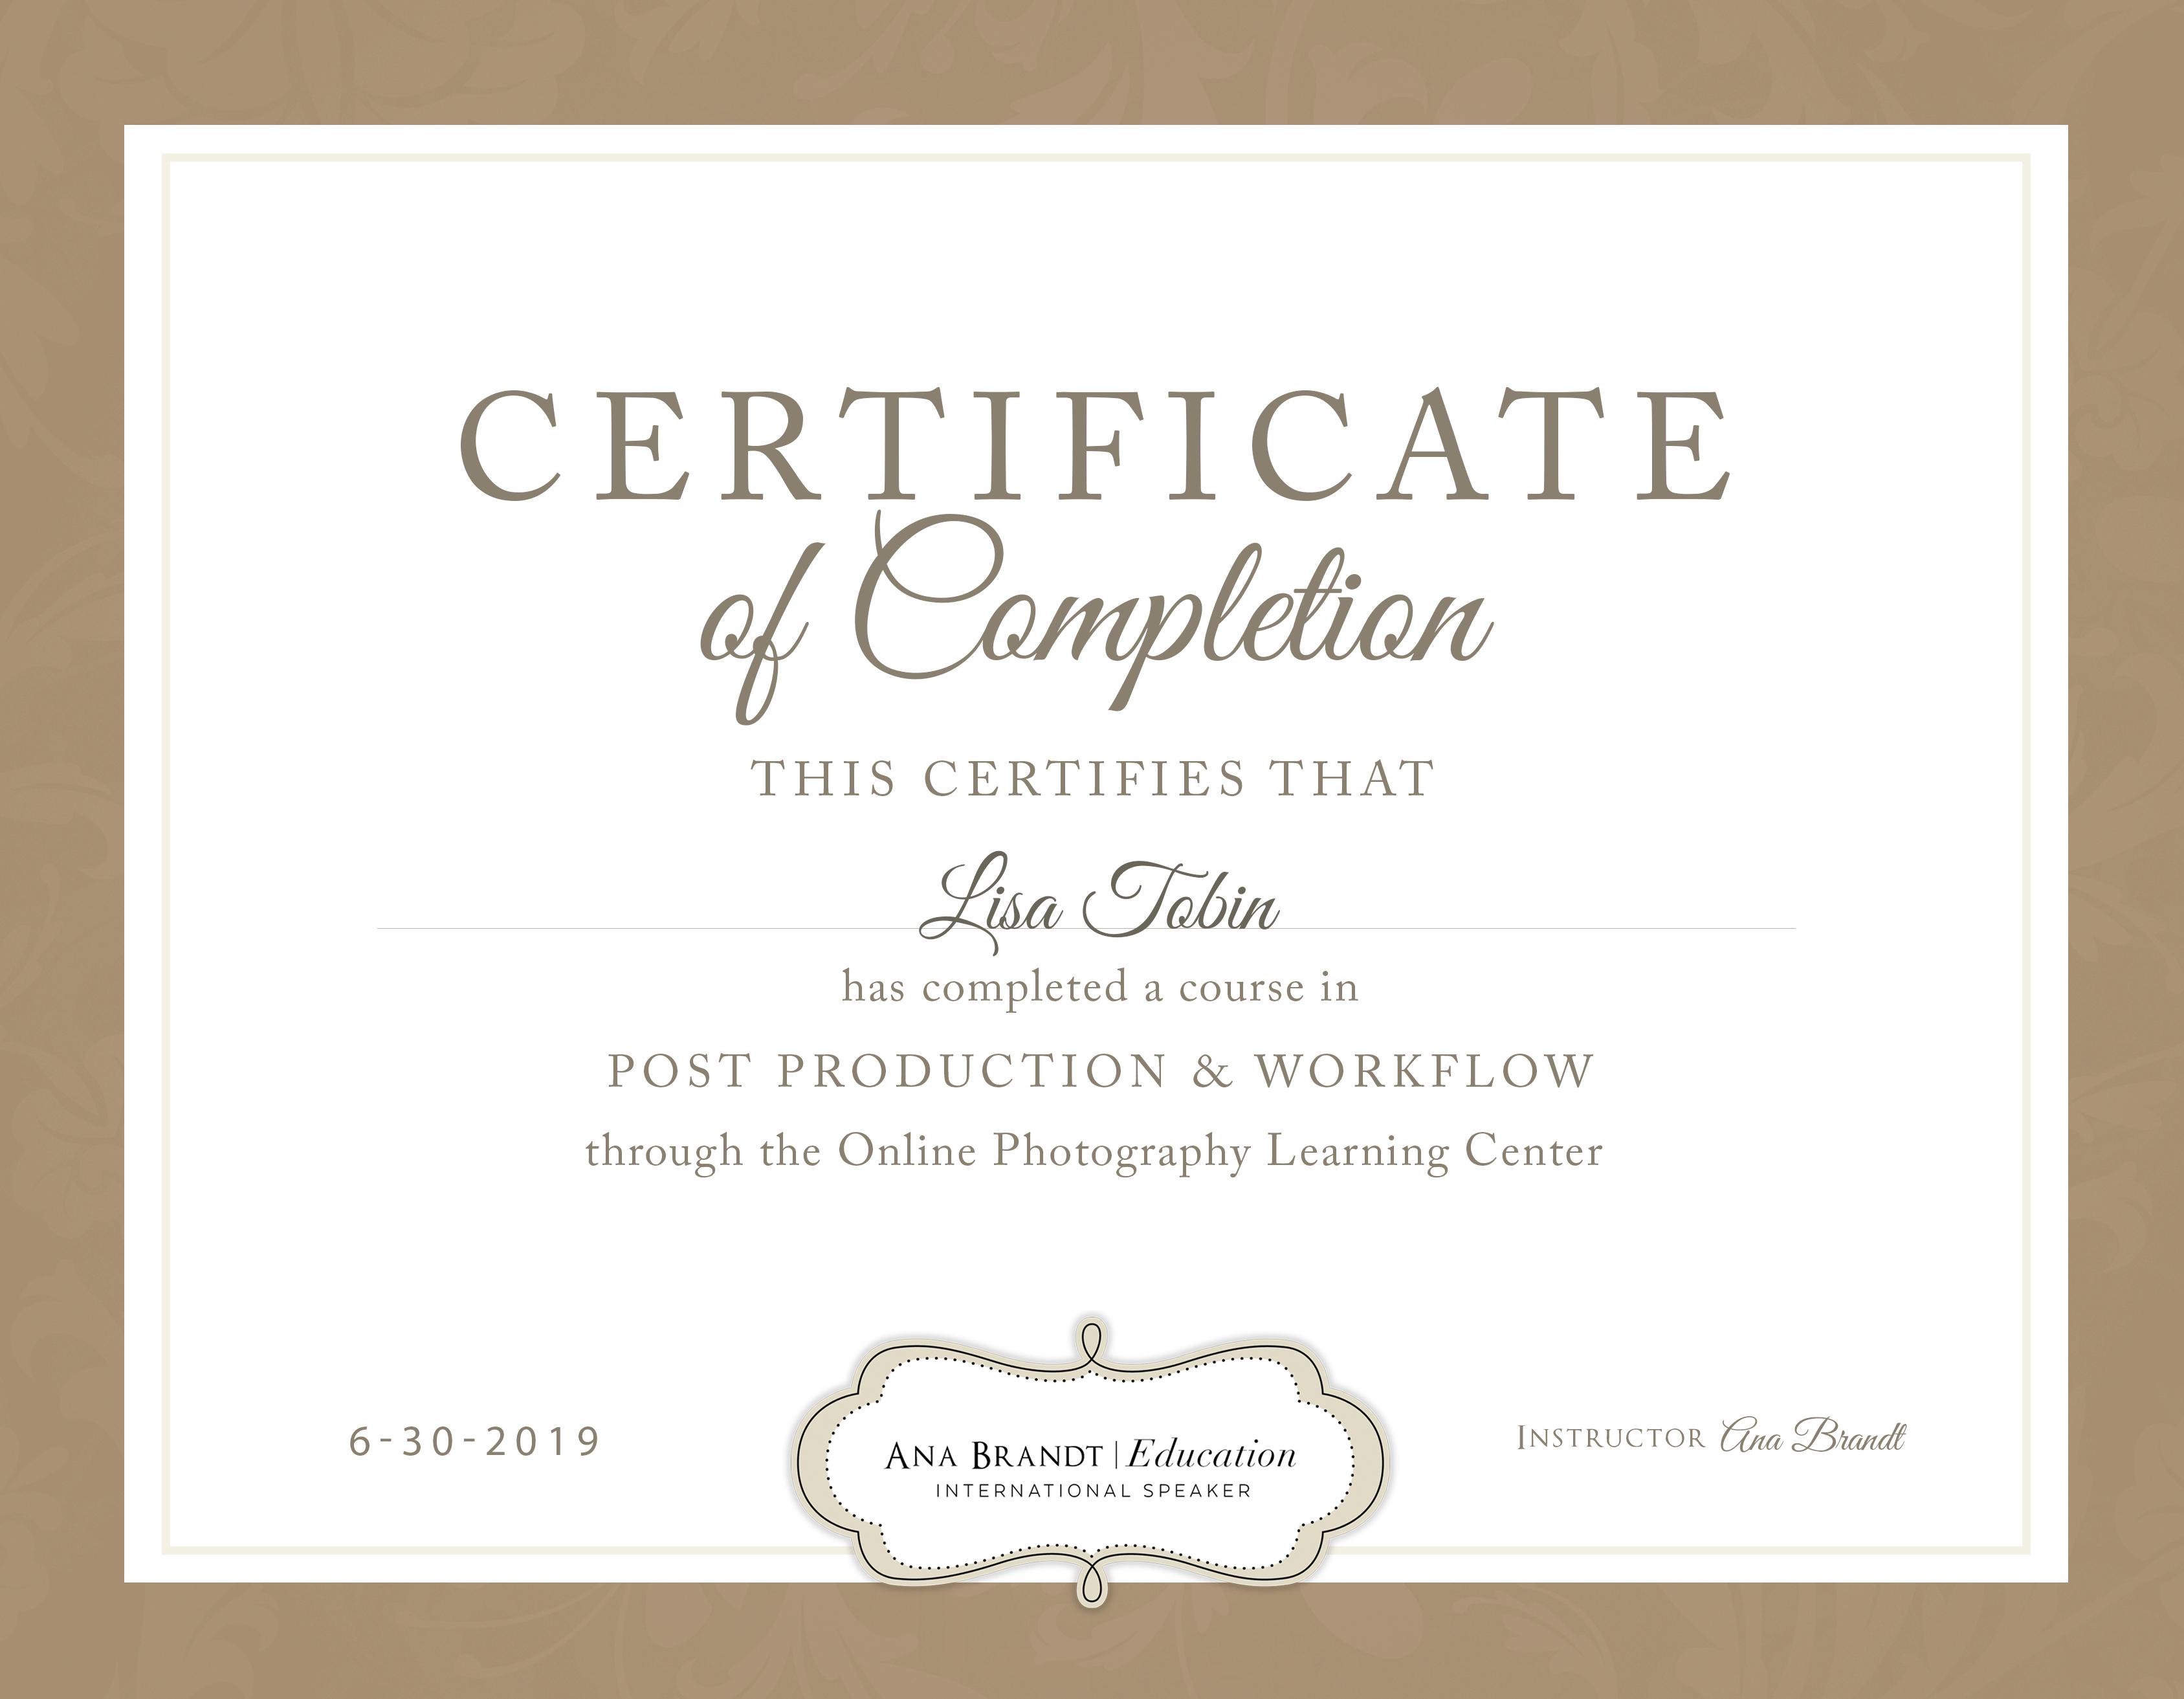 Lisa Tobin PP&W CERT OF COMPLETION